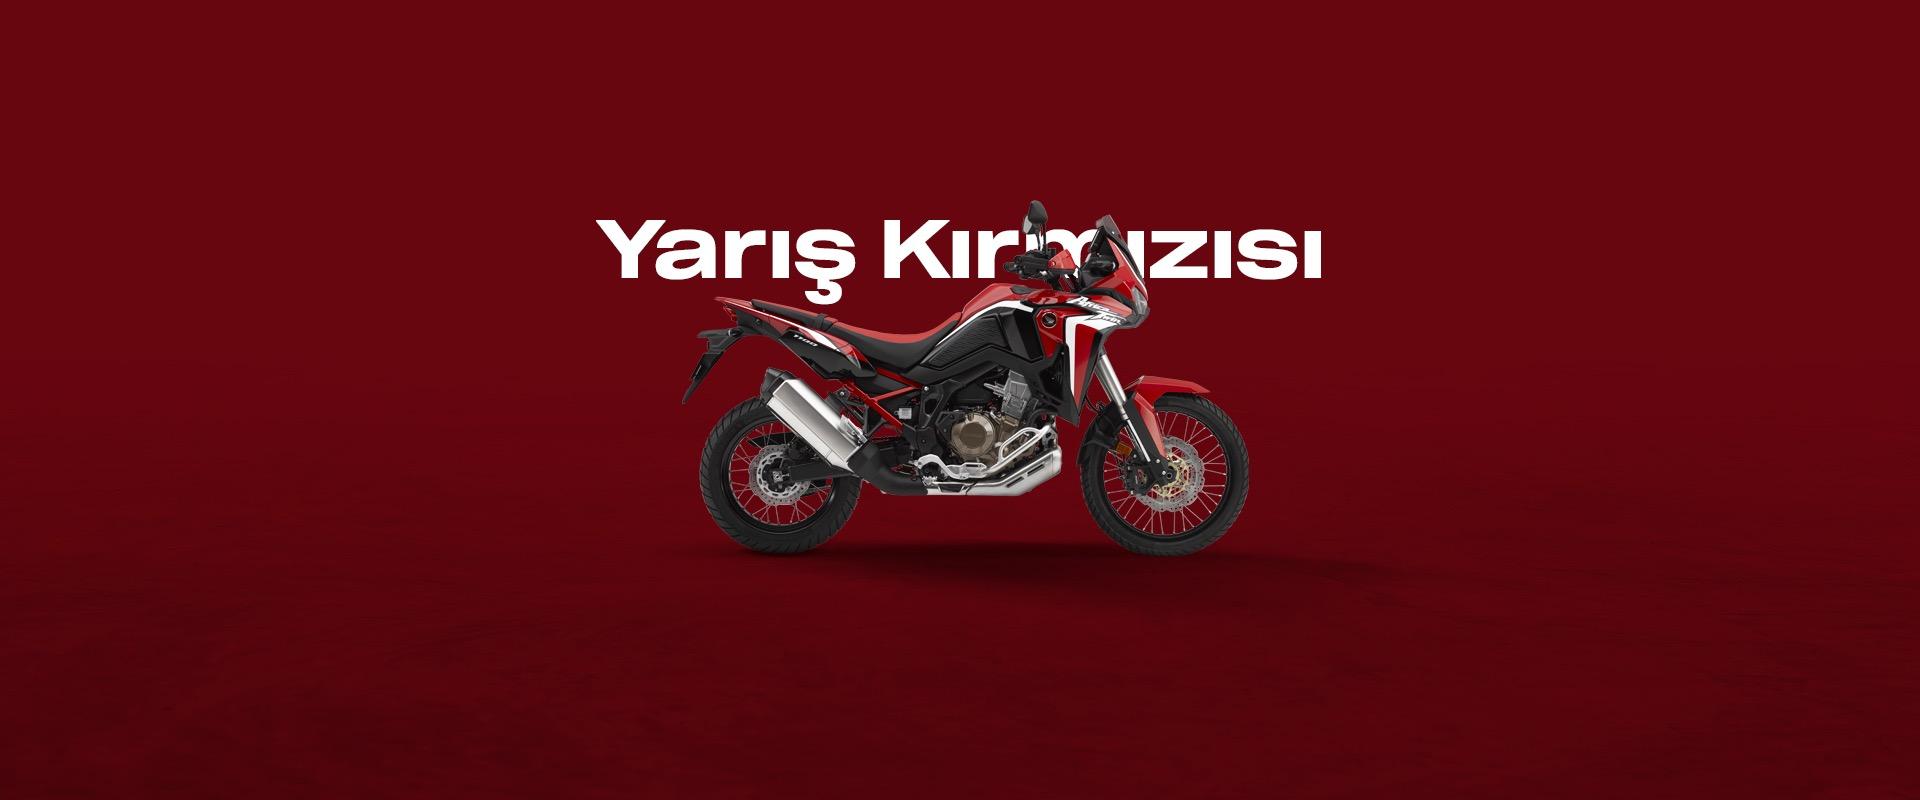 Yükseliş İzmir Yarış Kırmızısı